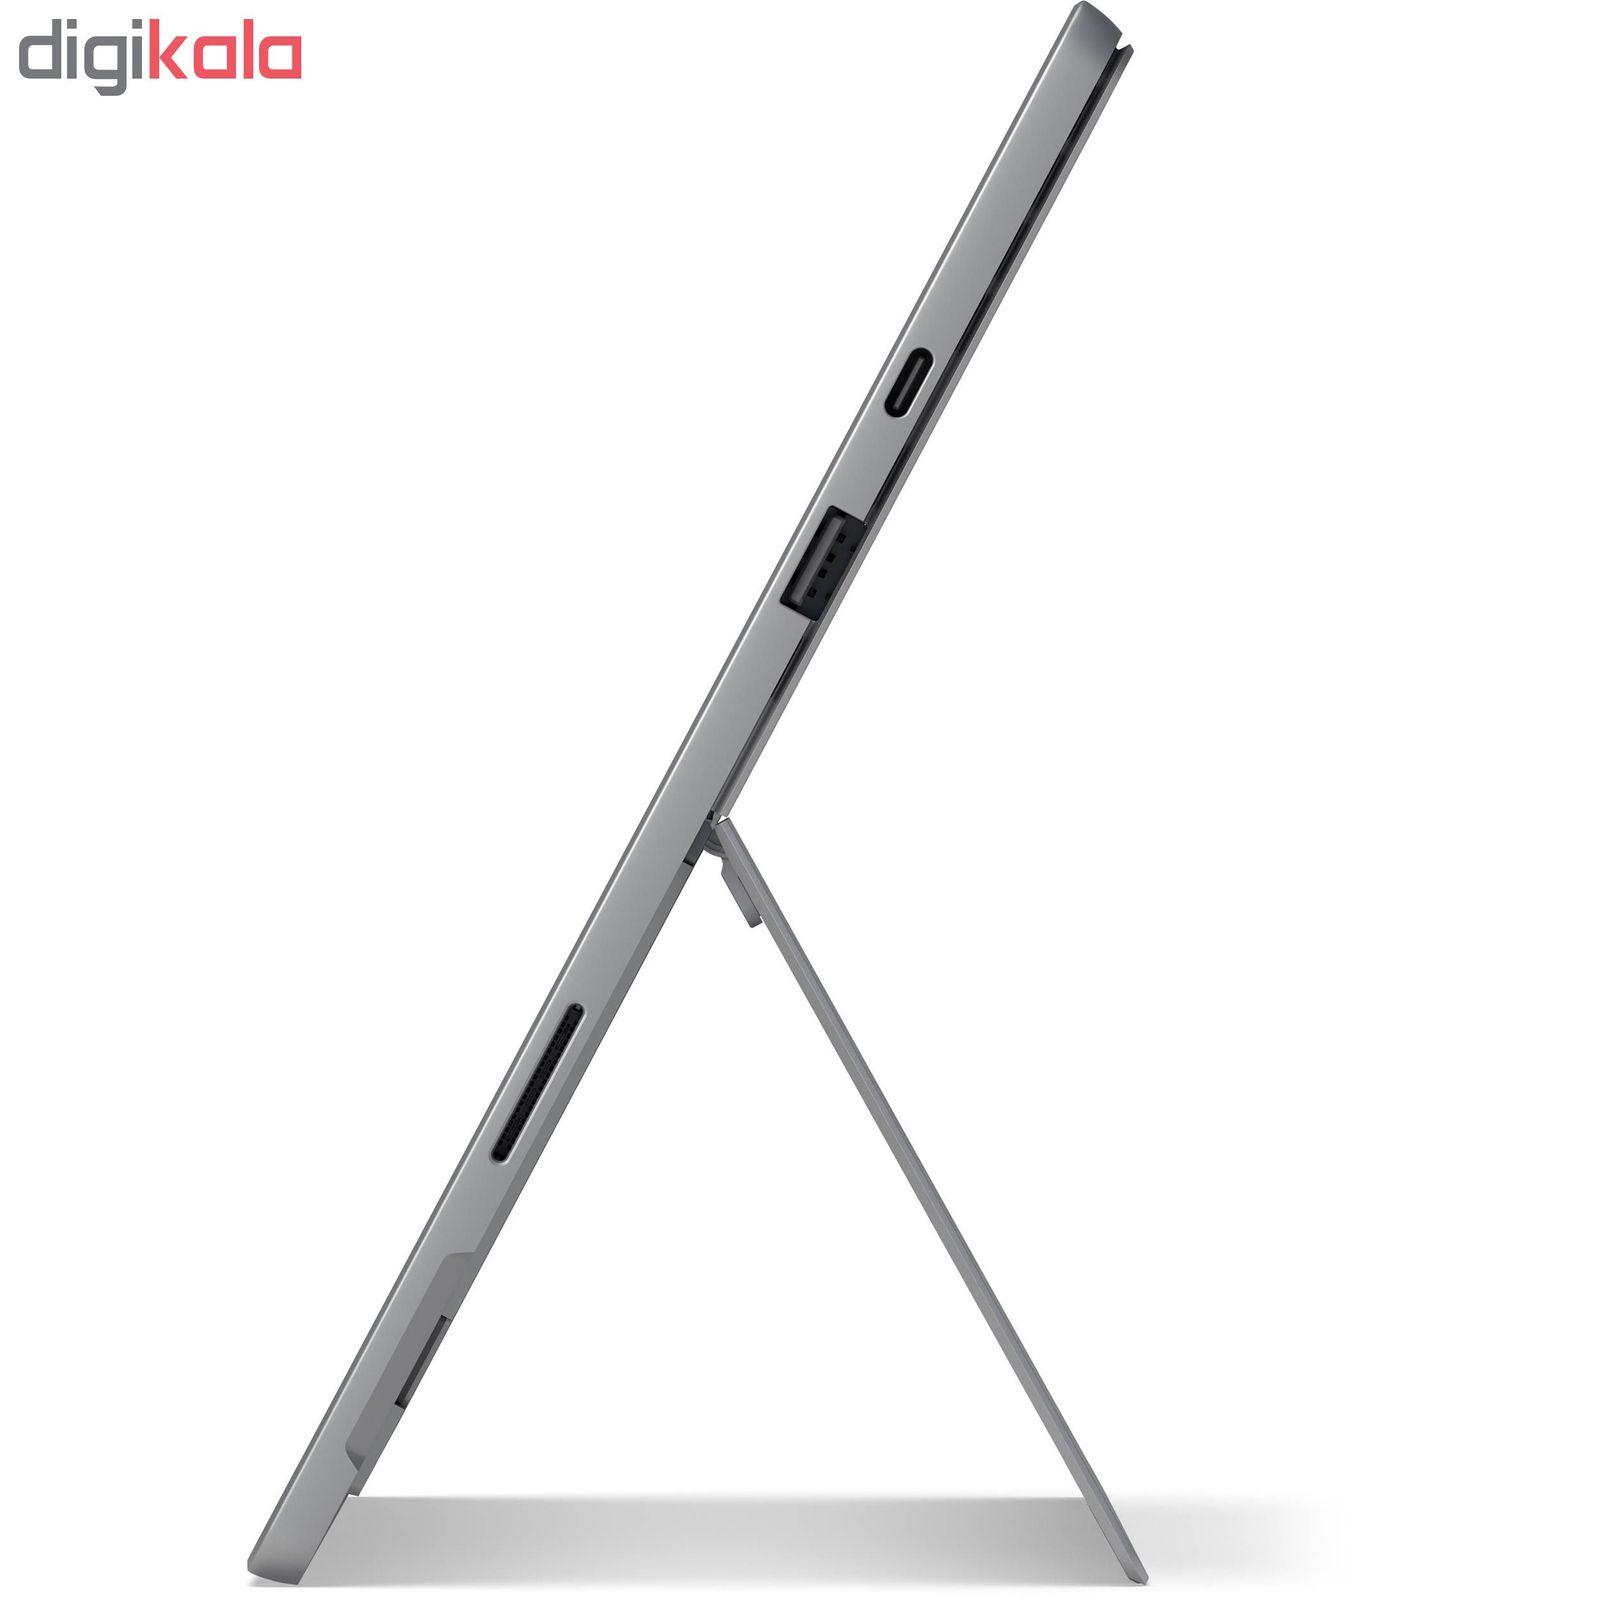 تبلت مایکروسافت مدل Surface Pro 7 - C ظرفیت 256 گیگابایت main 1 4